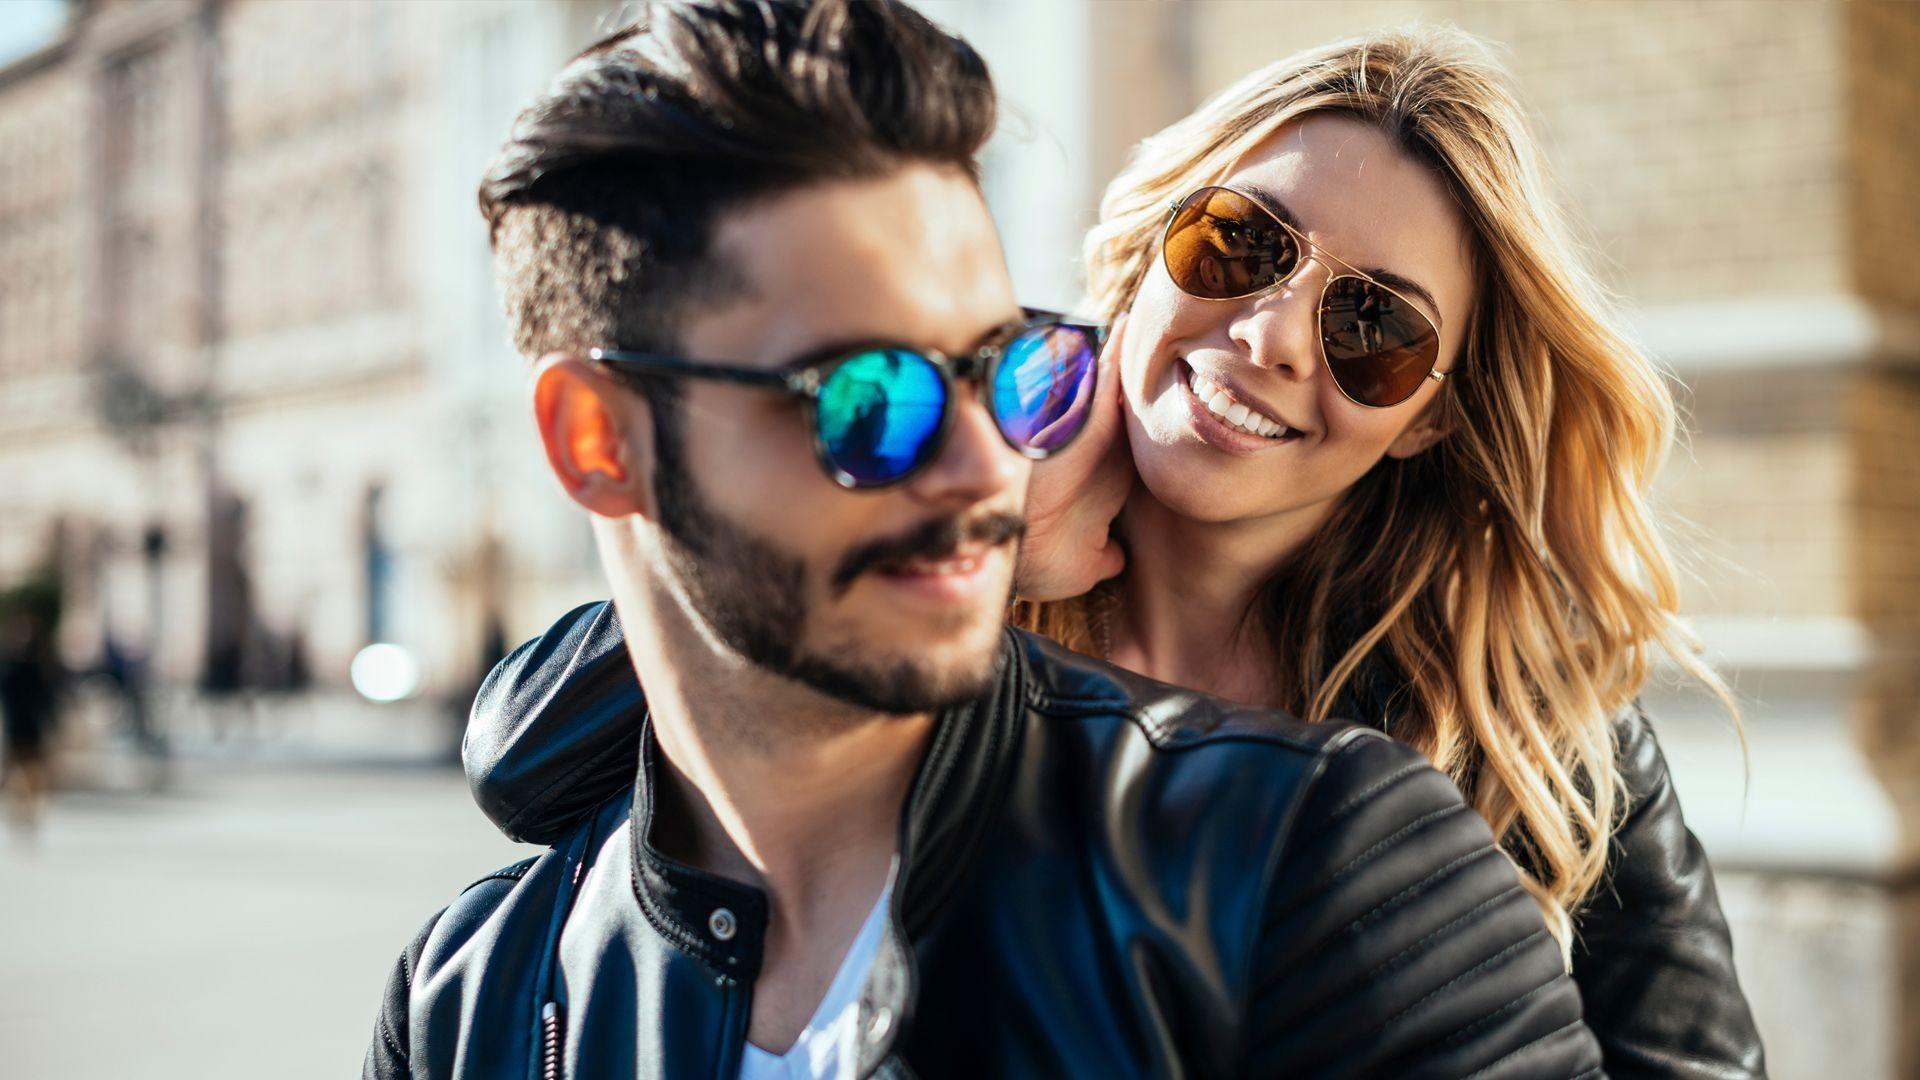 Venta de gafas de sol en Zaragoza